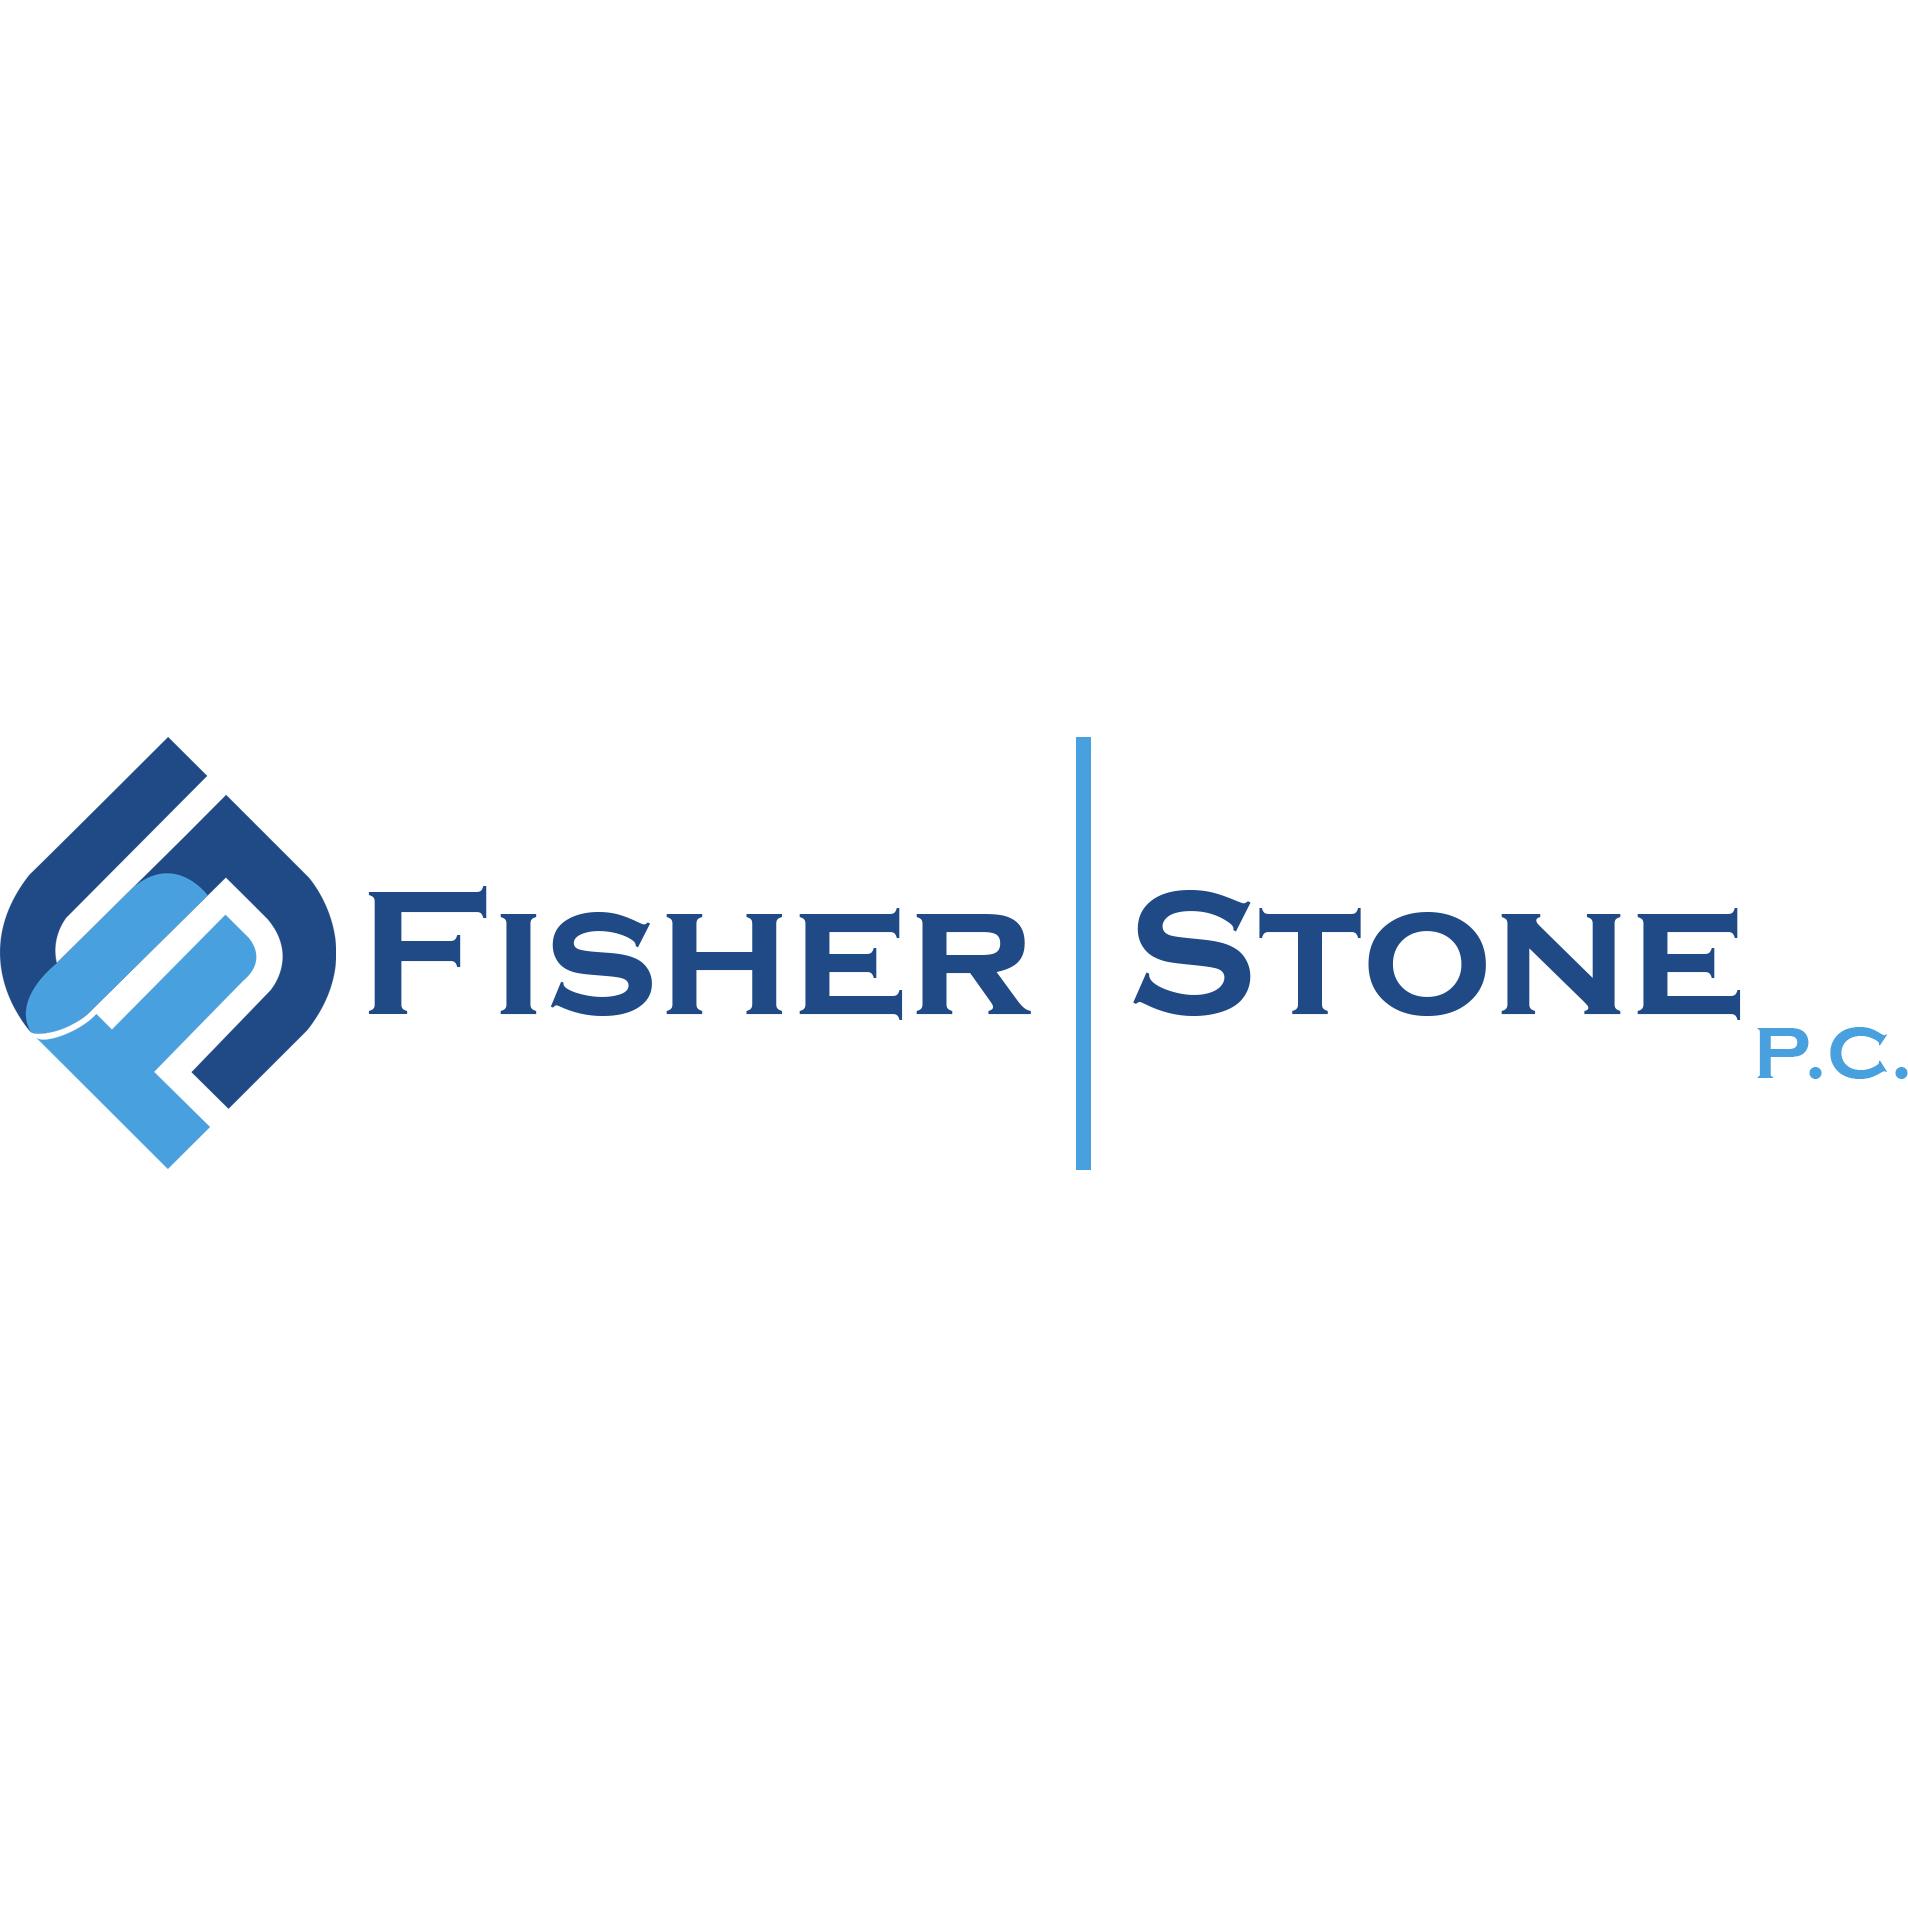 Fisher Stone, P.C.